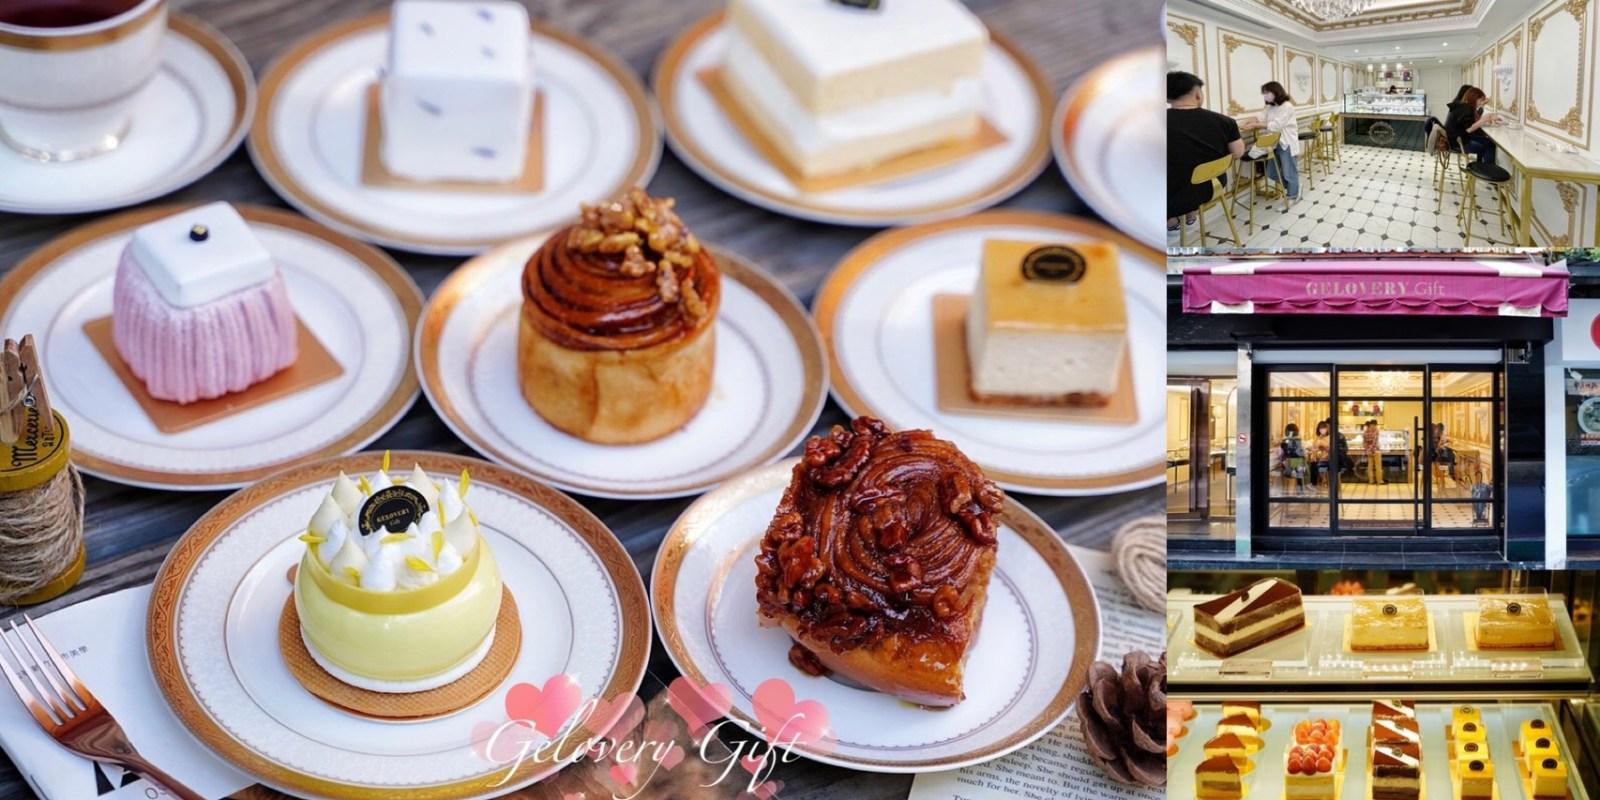 彷彿在法國街頭上的『Gelovery Gift 蒟若妮頂級法式甜點店』,主廚擁有法國藍帶,還待過米其林三星餐廳,就連食尚玩家都來採訪過!